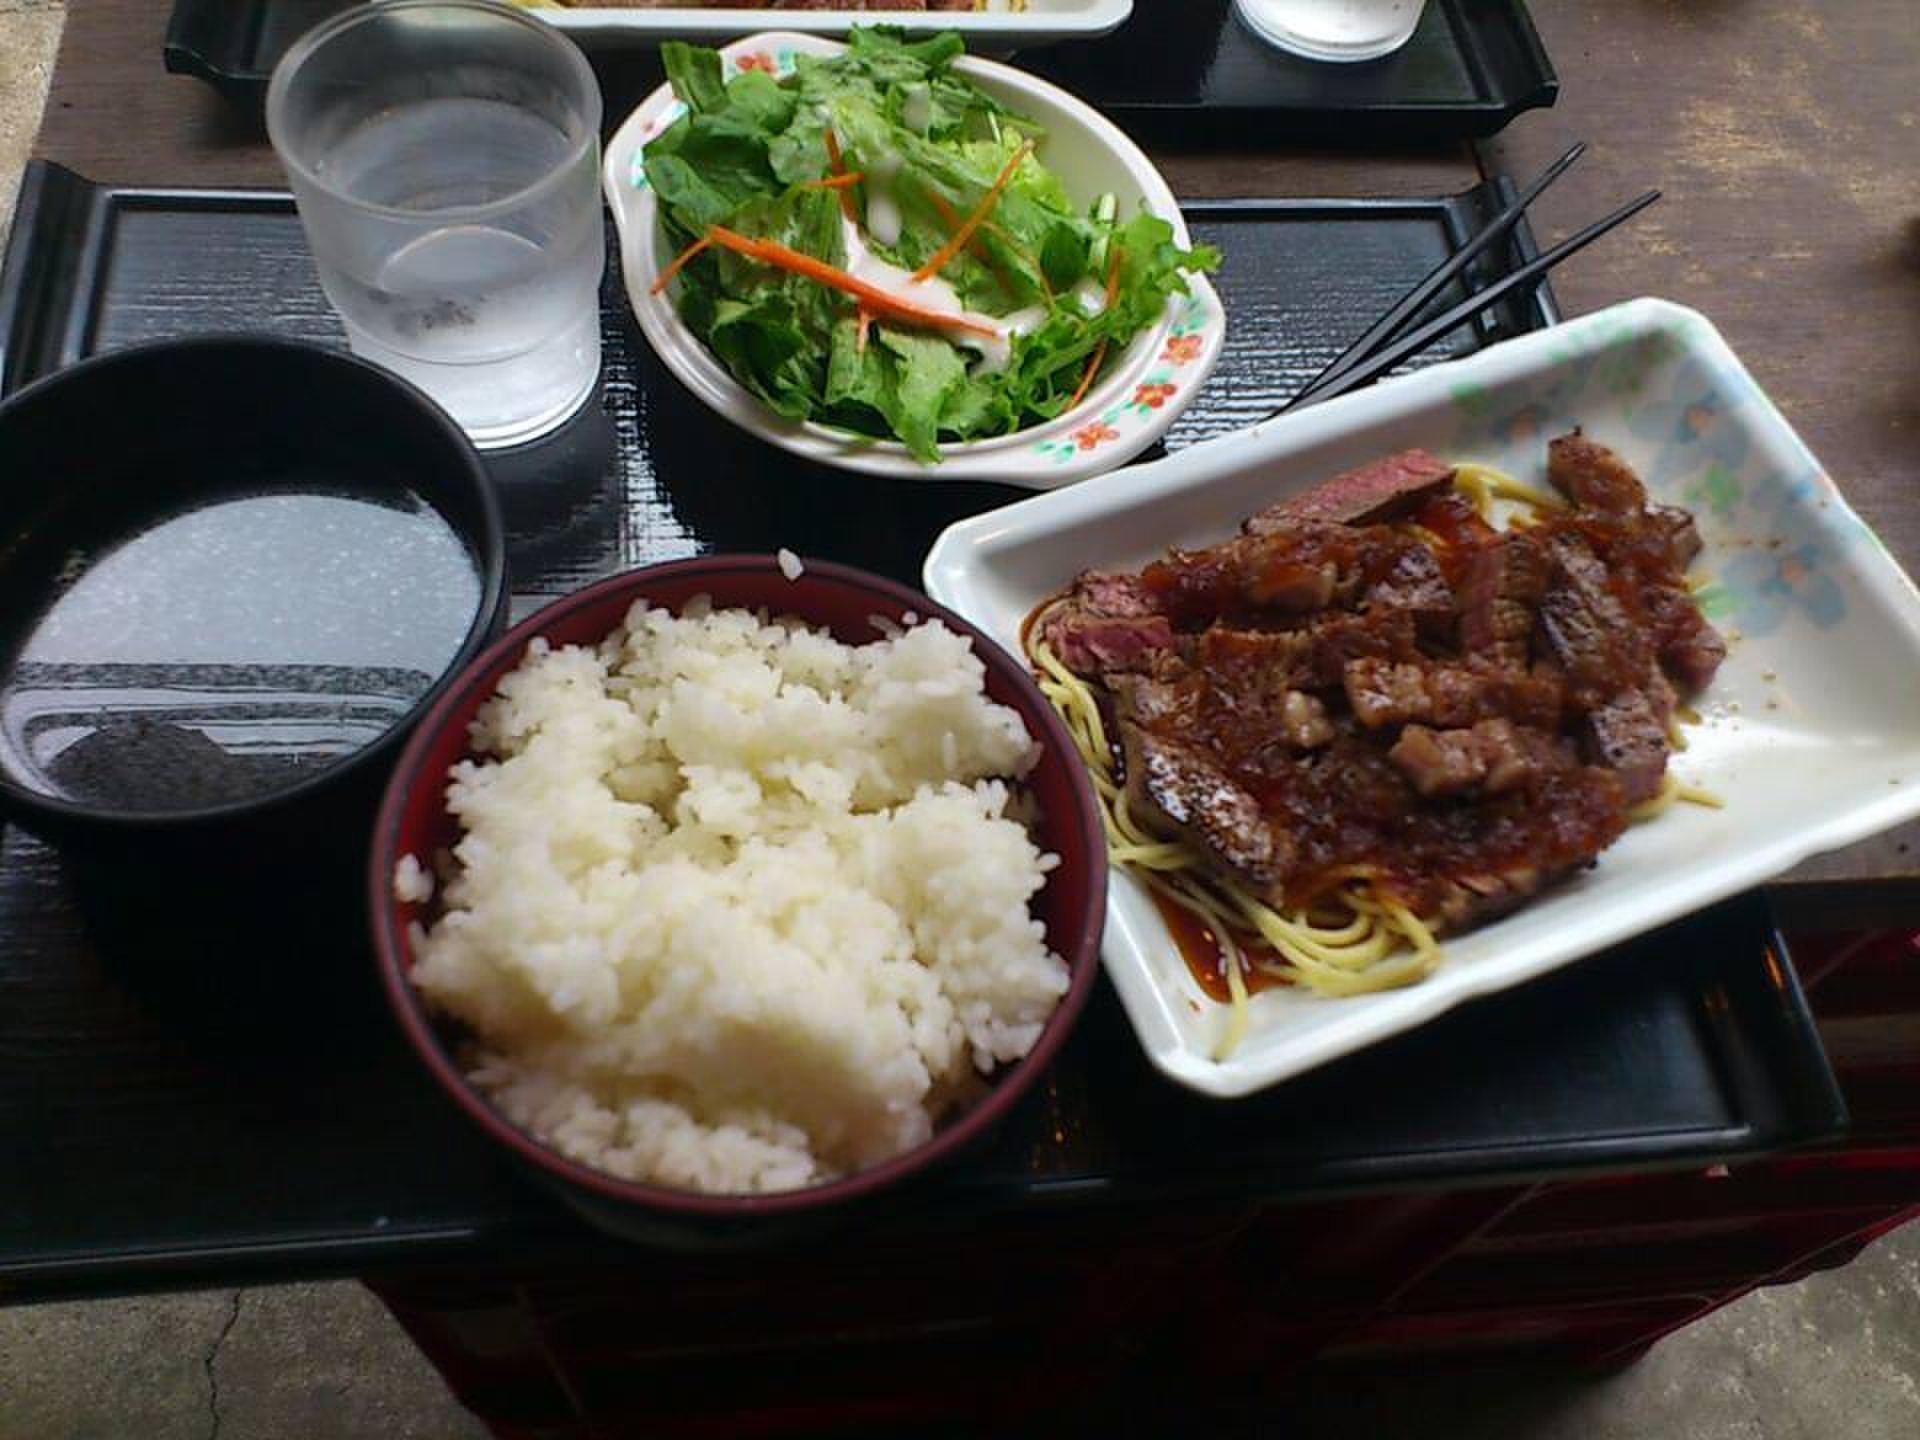 500円でステーキ!?西新宿の穴場でおいしい激安グルメスポットでお肉食べましょう!!